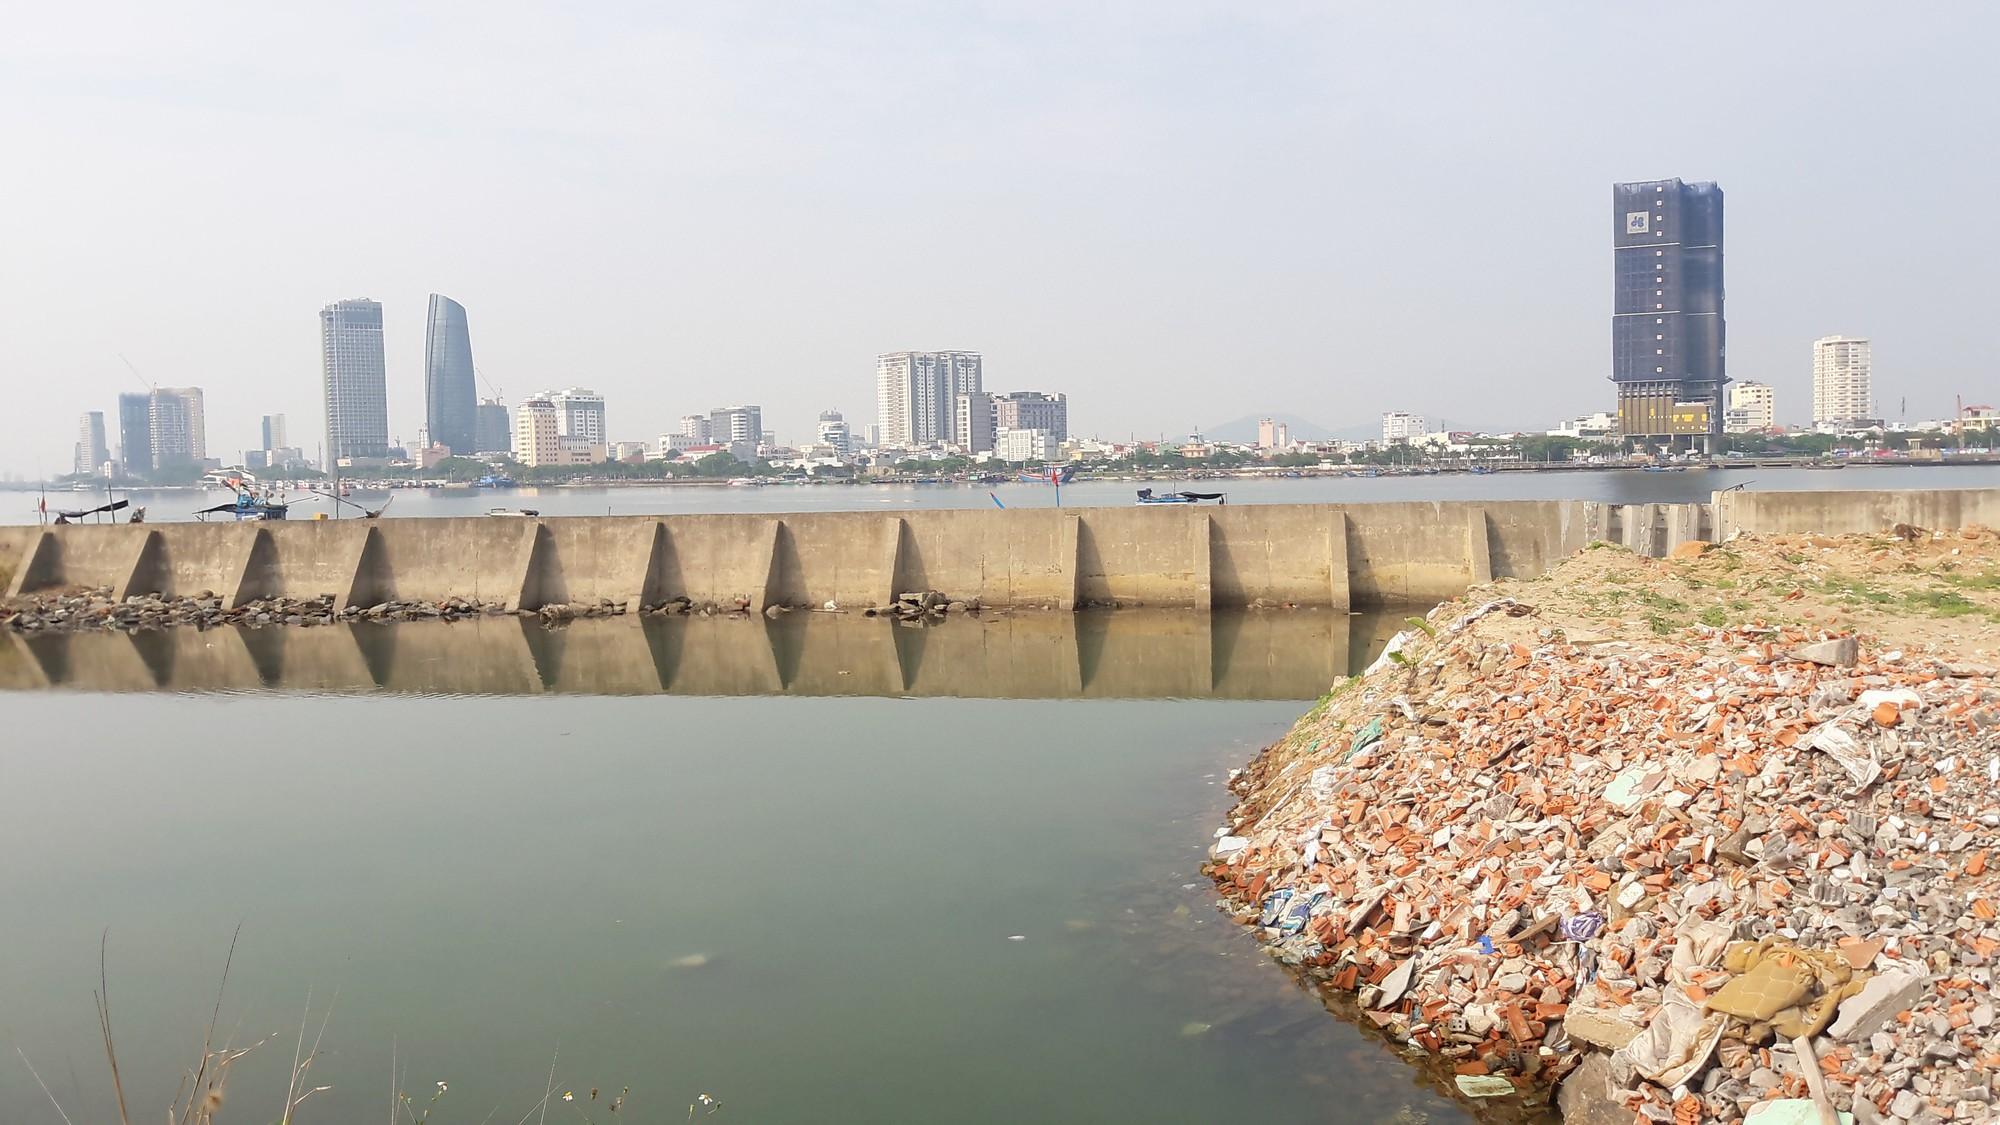 Vụ tạm dừng dự án Marina Complex ở Đà Nẵng: Cận cảnh những công trình, dự án dọc hai bờ sông Hàn hiện nay - Ảnh 6.